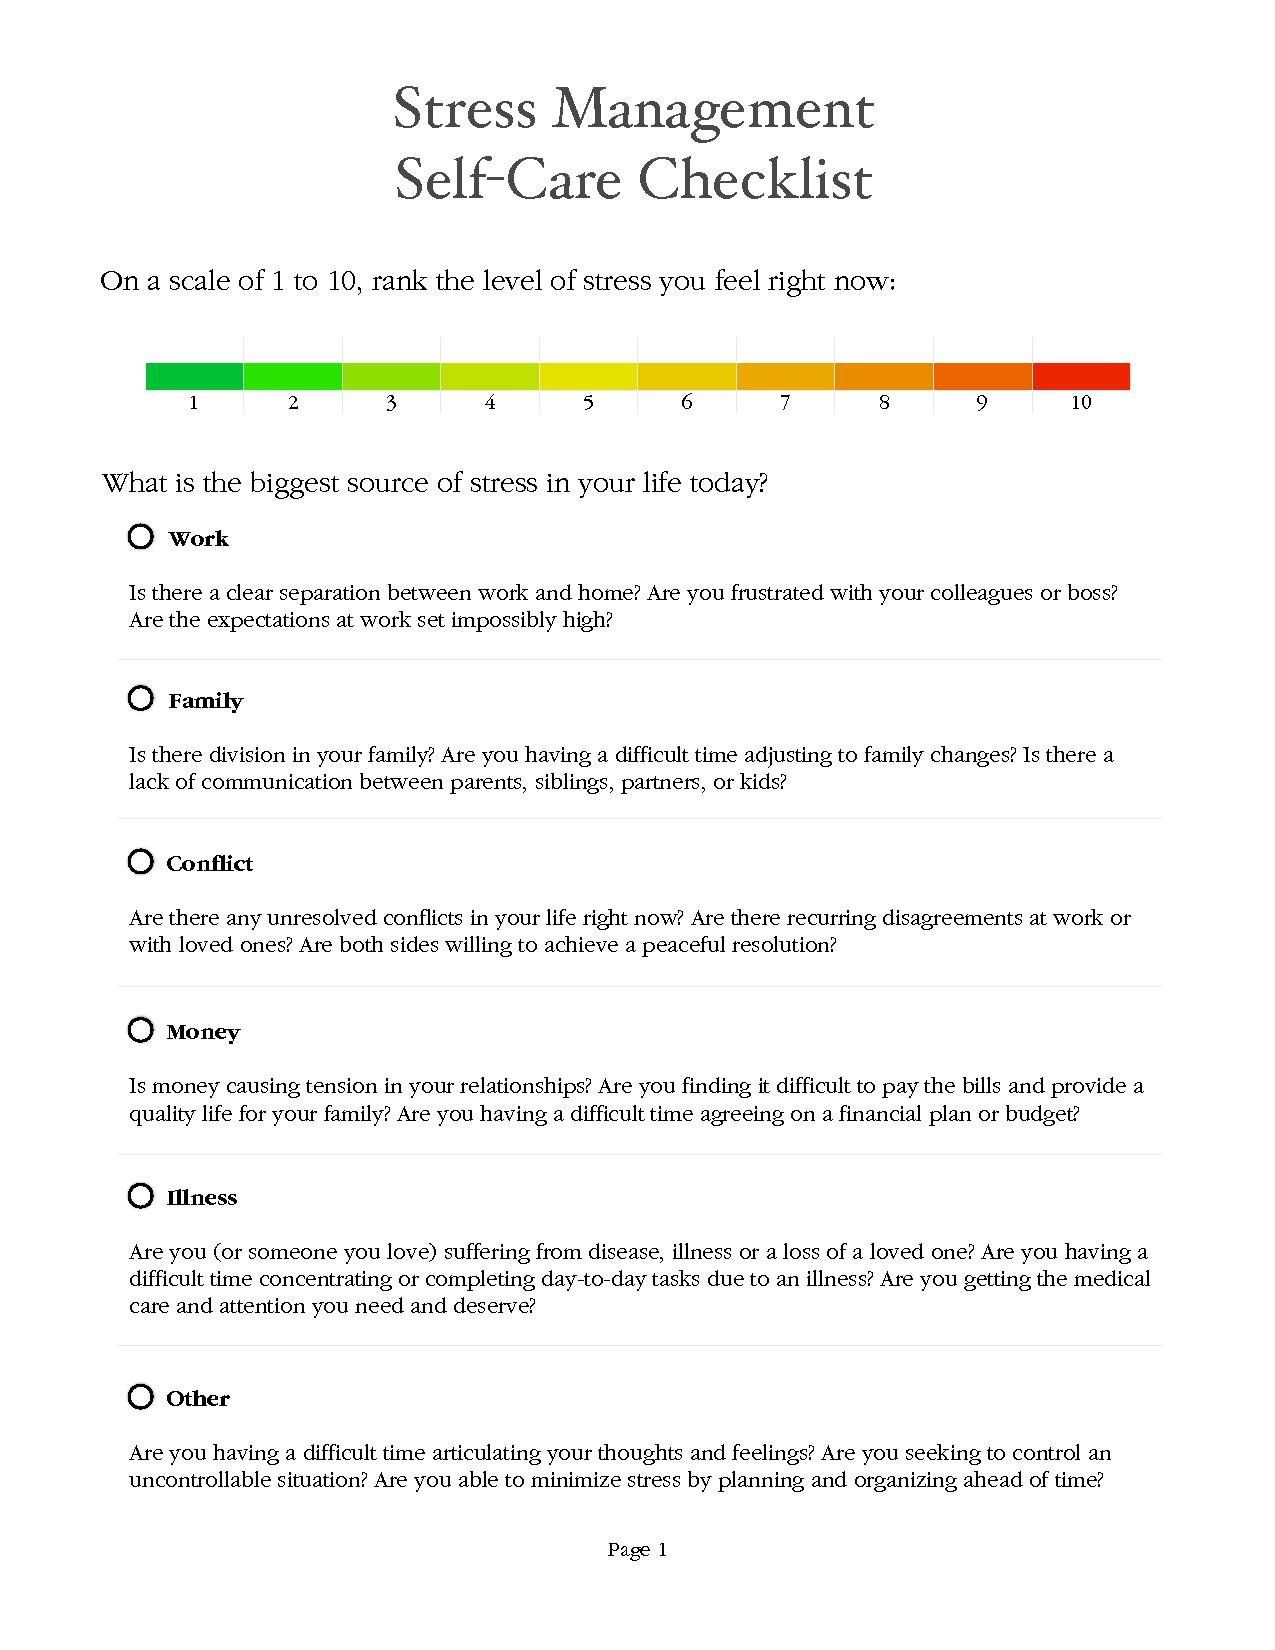 Stress Management Worksheets | Stress Management Worksheet - Pdf - Free Printable Coping Skills Worksheets